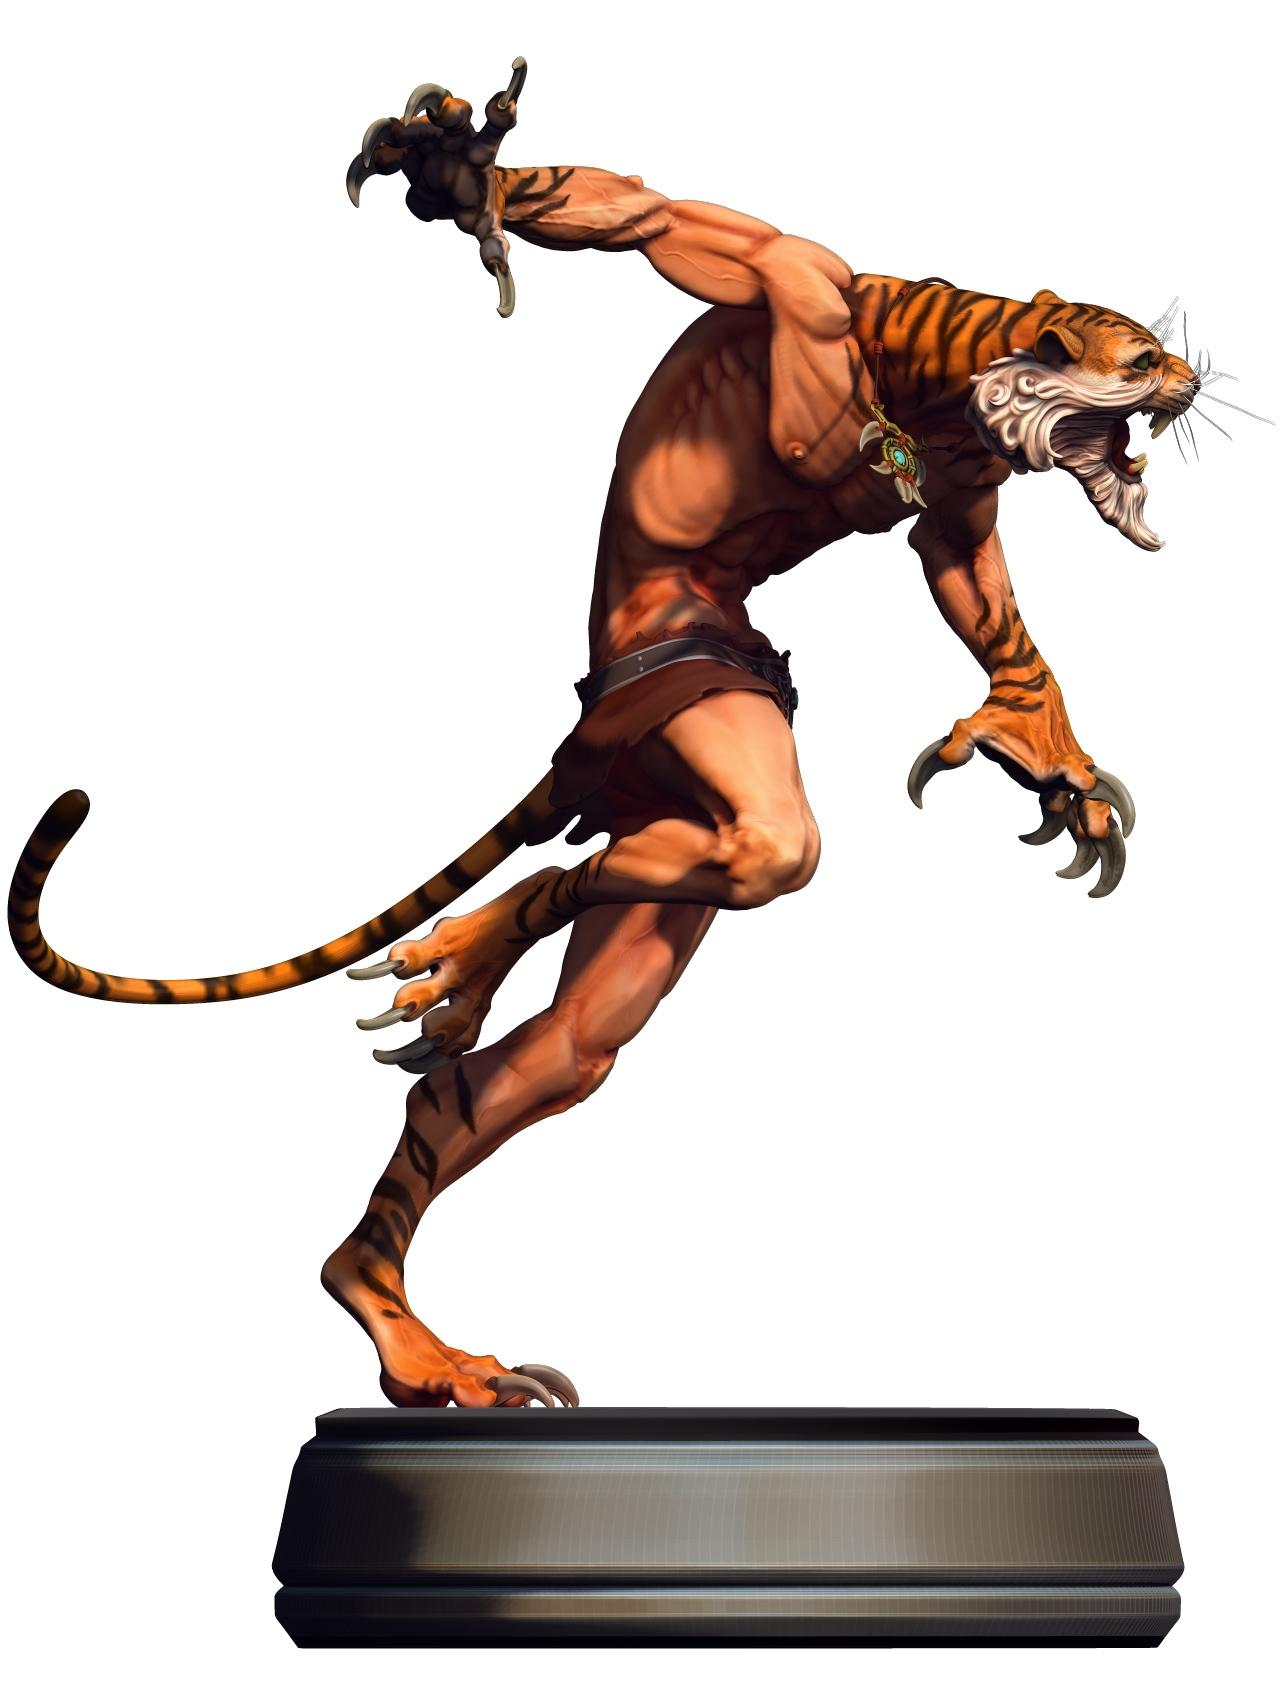 Tiger_Render_LeftRender